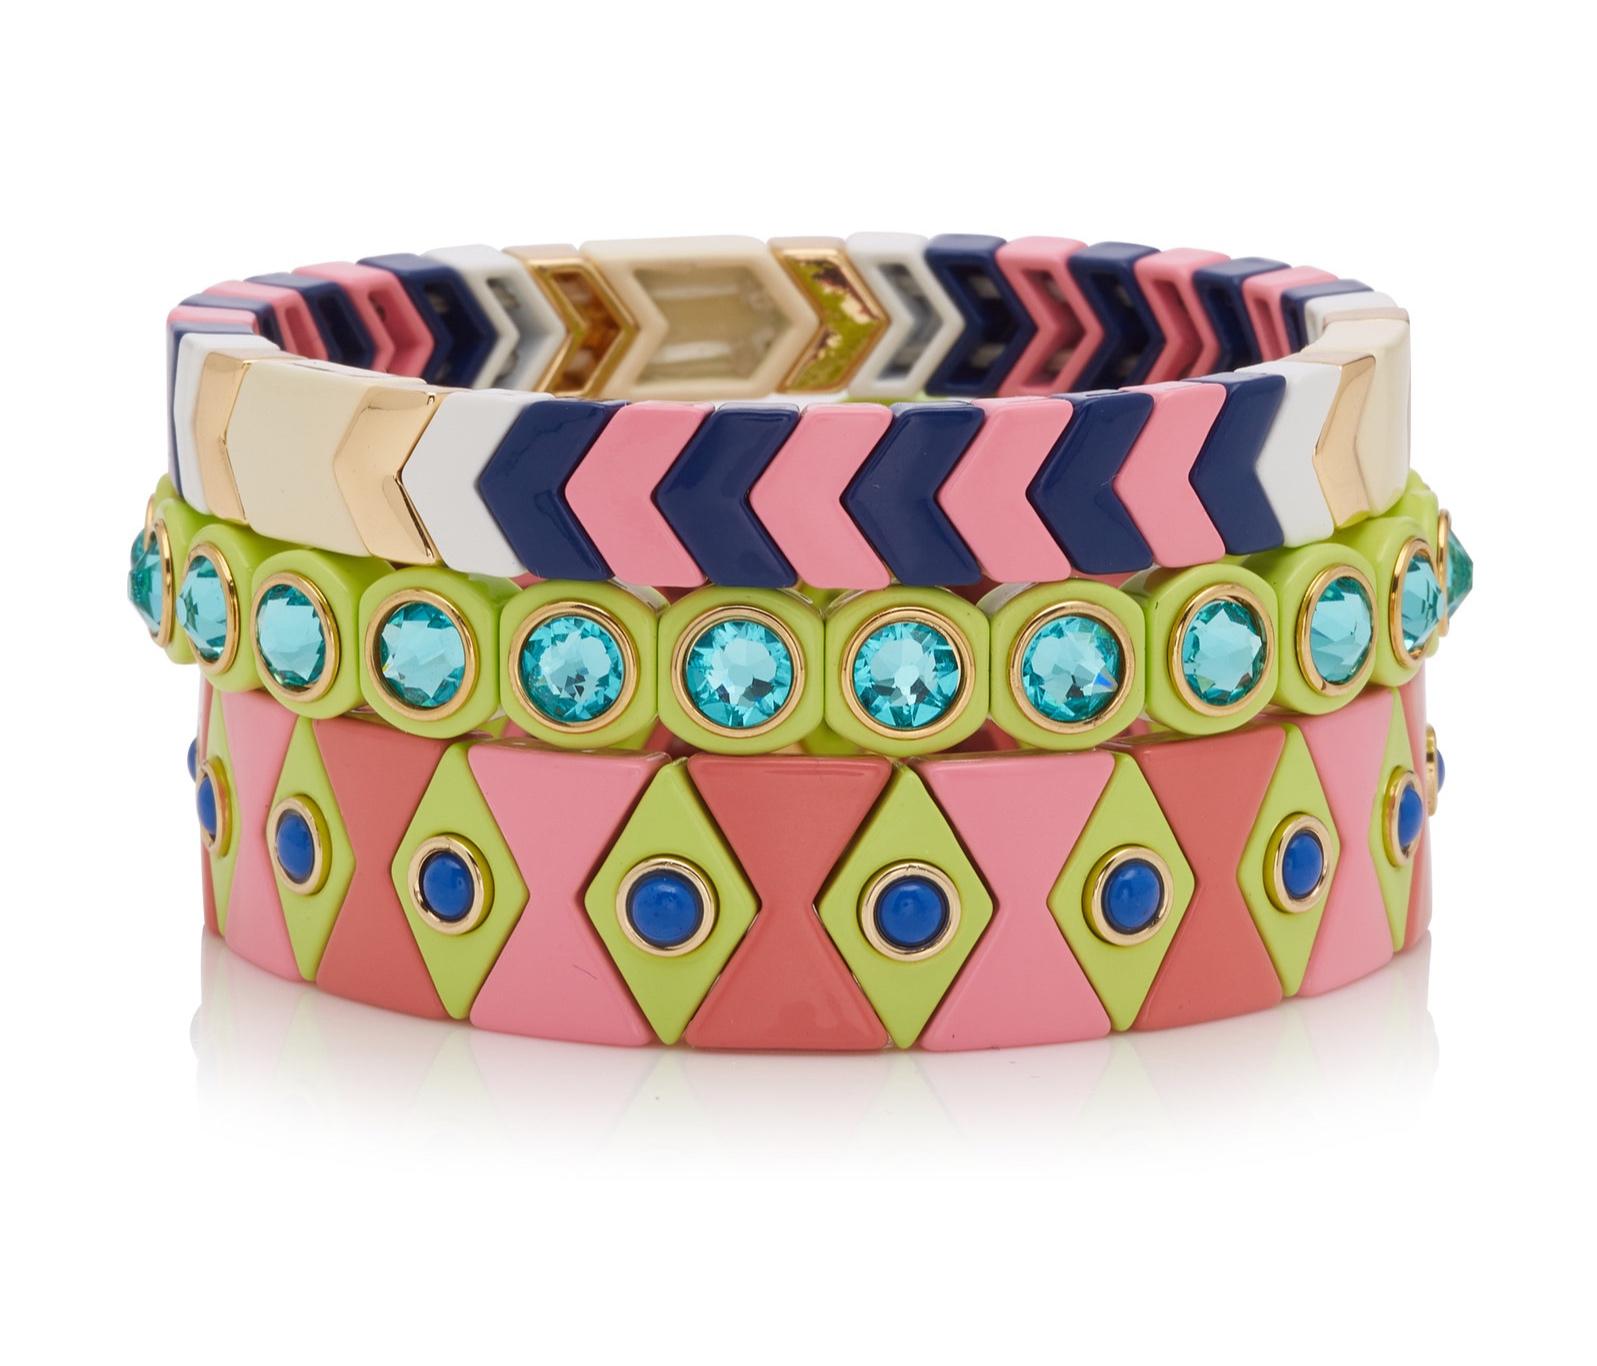 Roxanne Assouline Palm Beach enamel bracelets